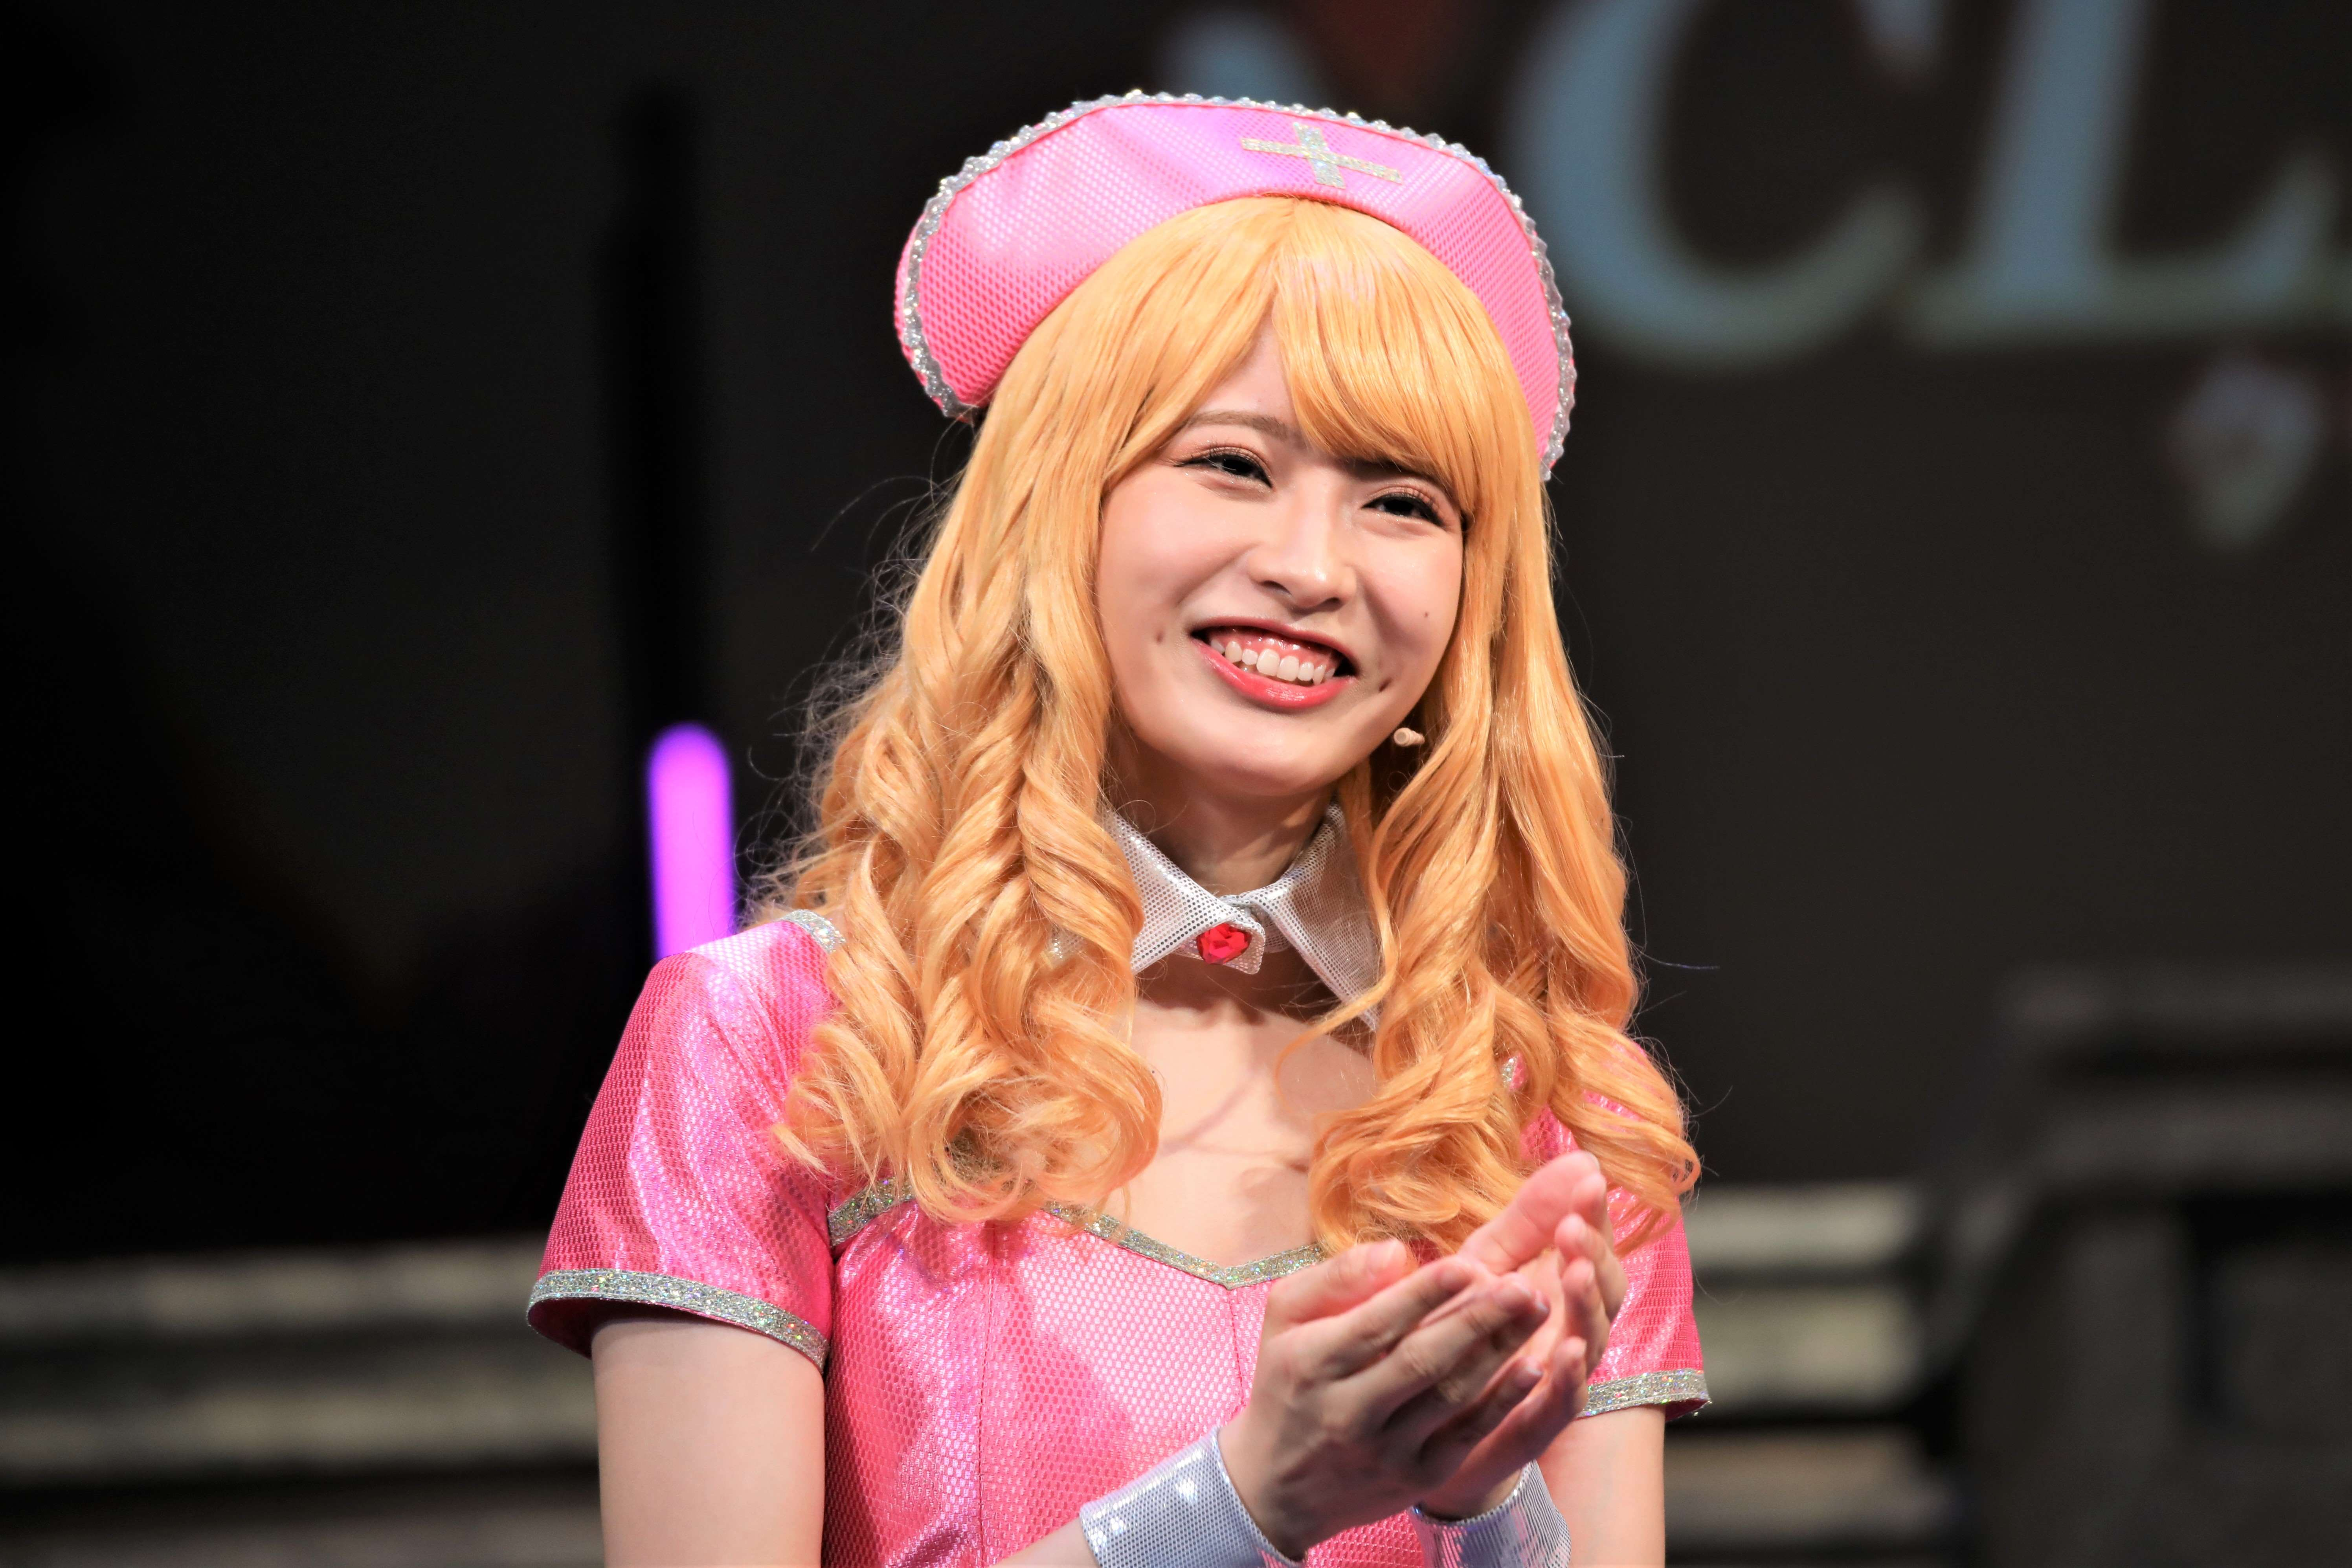 行天優莉奈「それでは、癒しということで、よろしくお願いします(笑)」©永井豪/ダイナミック企画・舞台「Cutie Honey Climax」製作委員会 無断アップロード及び転送は一切禁止です。